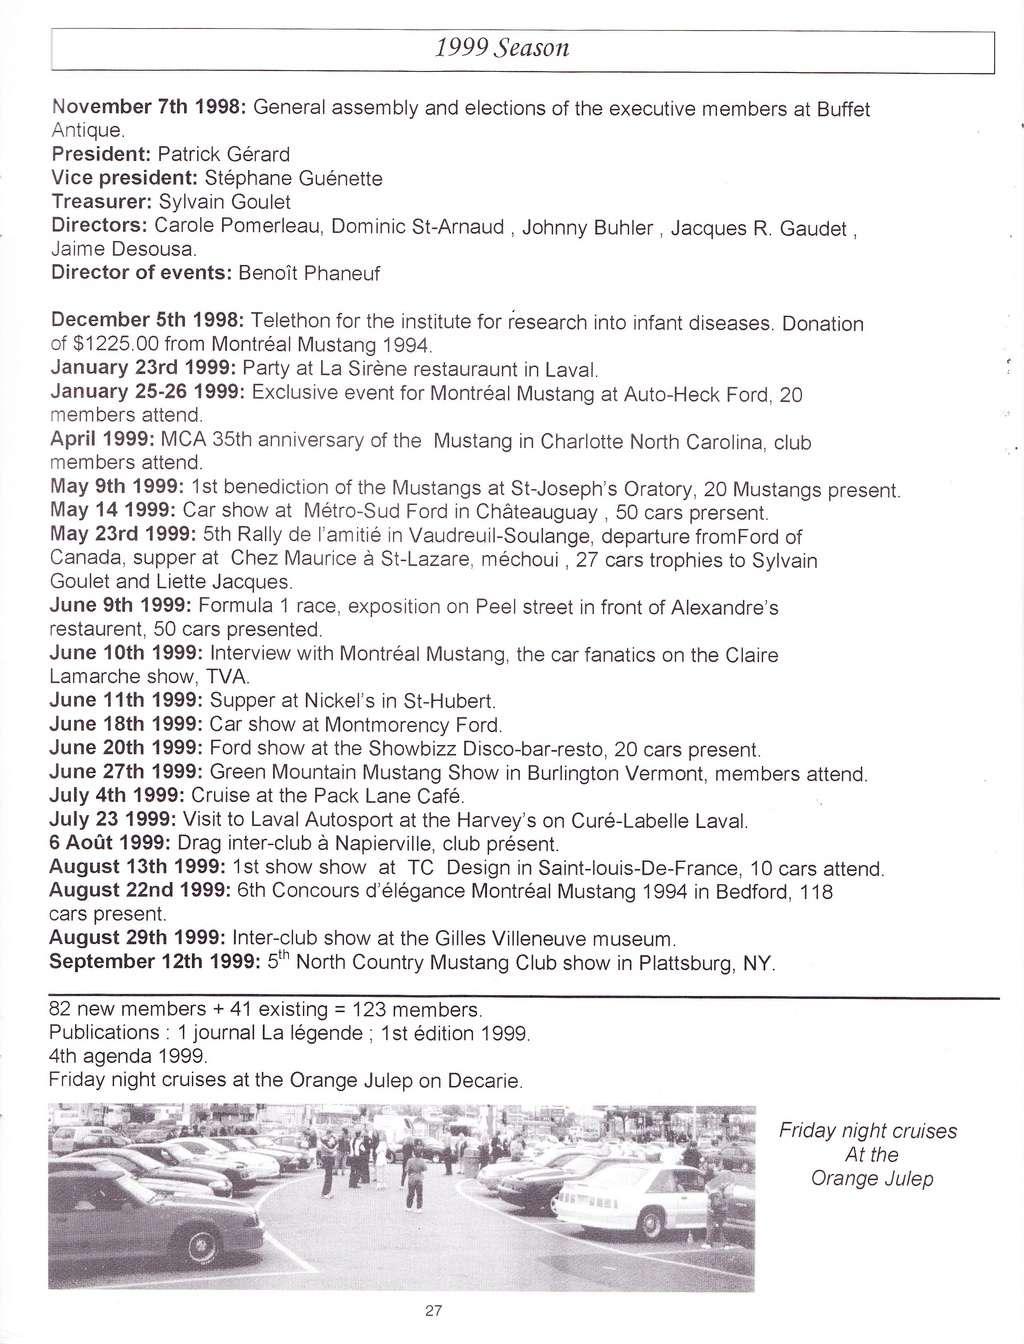 Montréal Mustang dans le temps! 1981 à aujourd'hui (Histoire en photos) La_lyg68